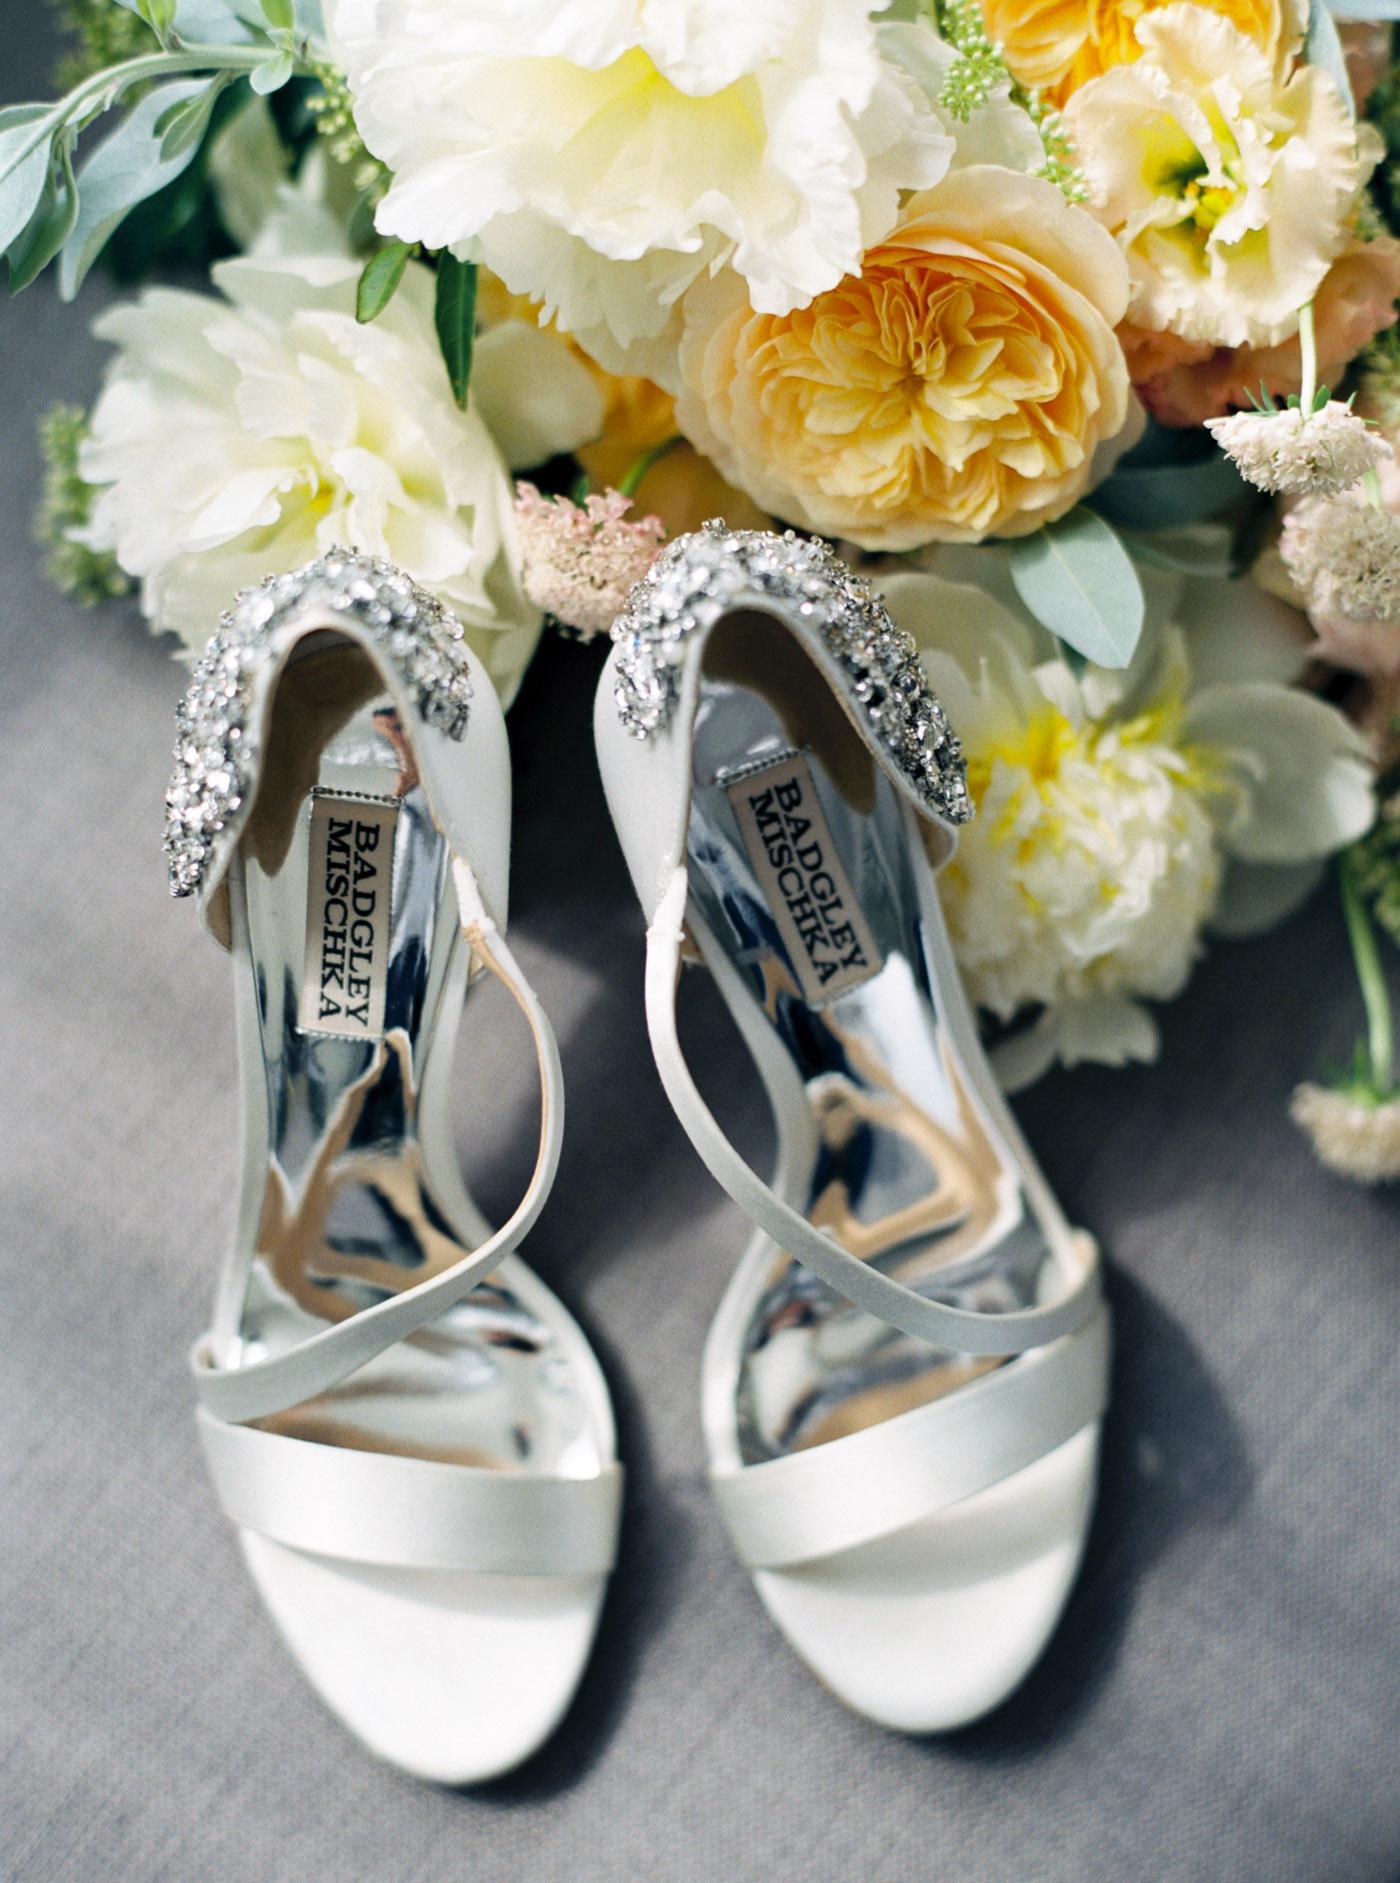 婚鞋Badgley Mischka-STAGE-Mark-日光Flower-士林萬麗酒店婚禮-戶外